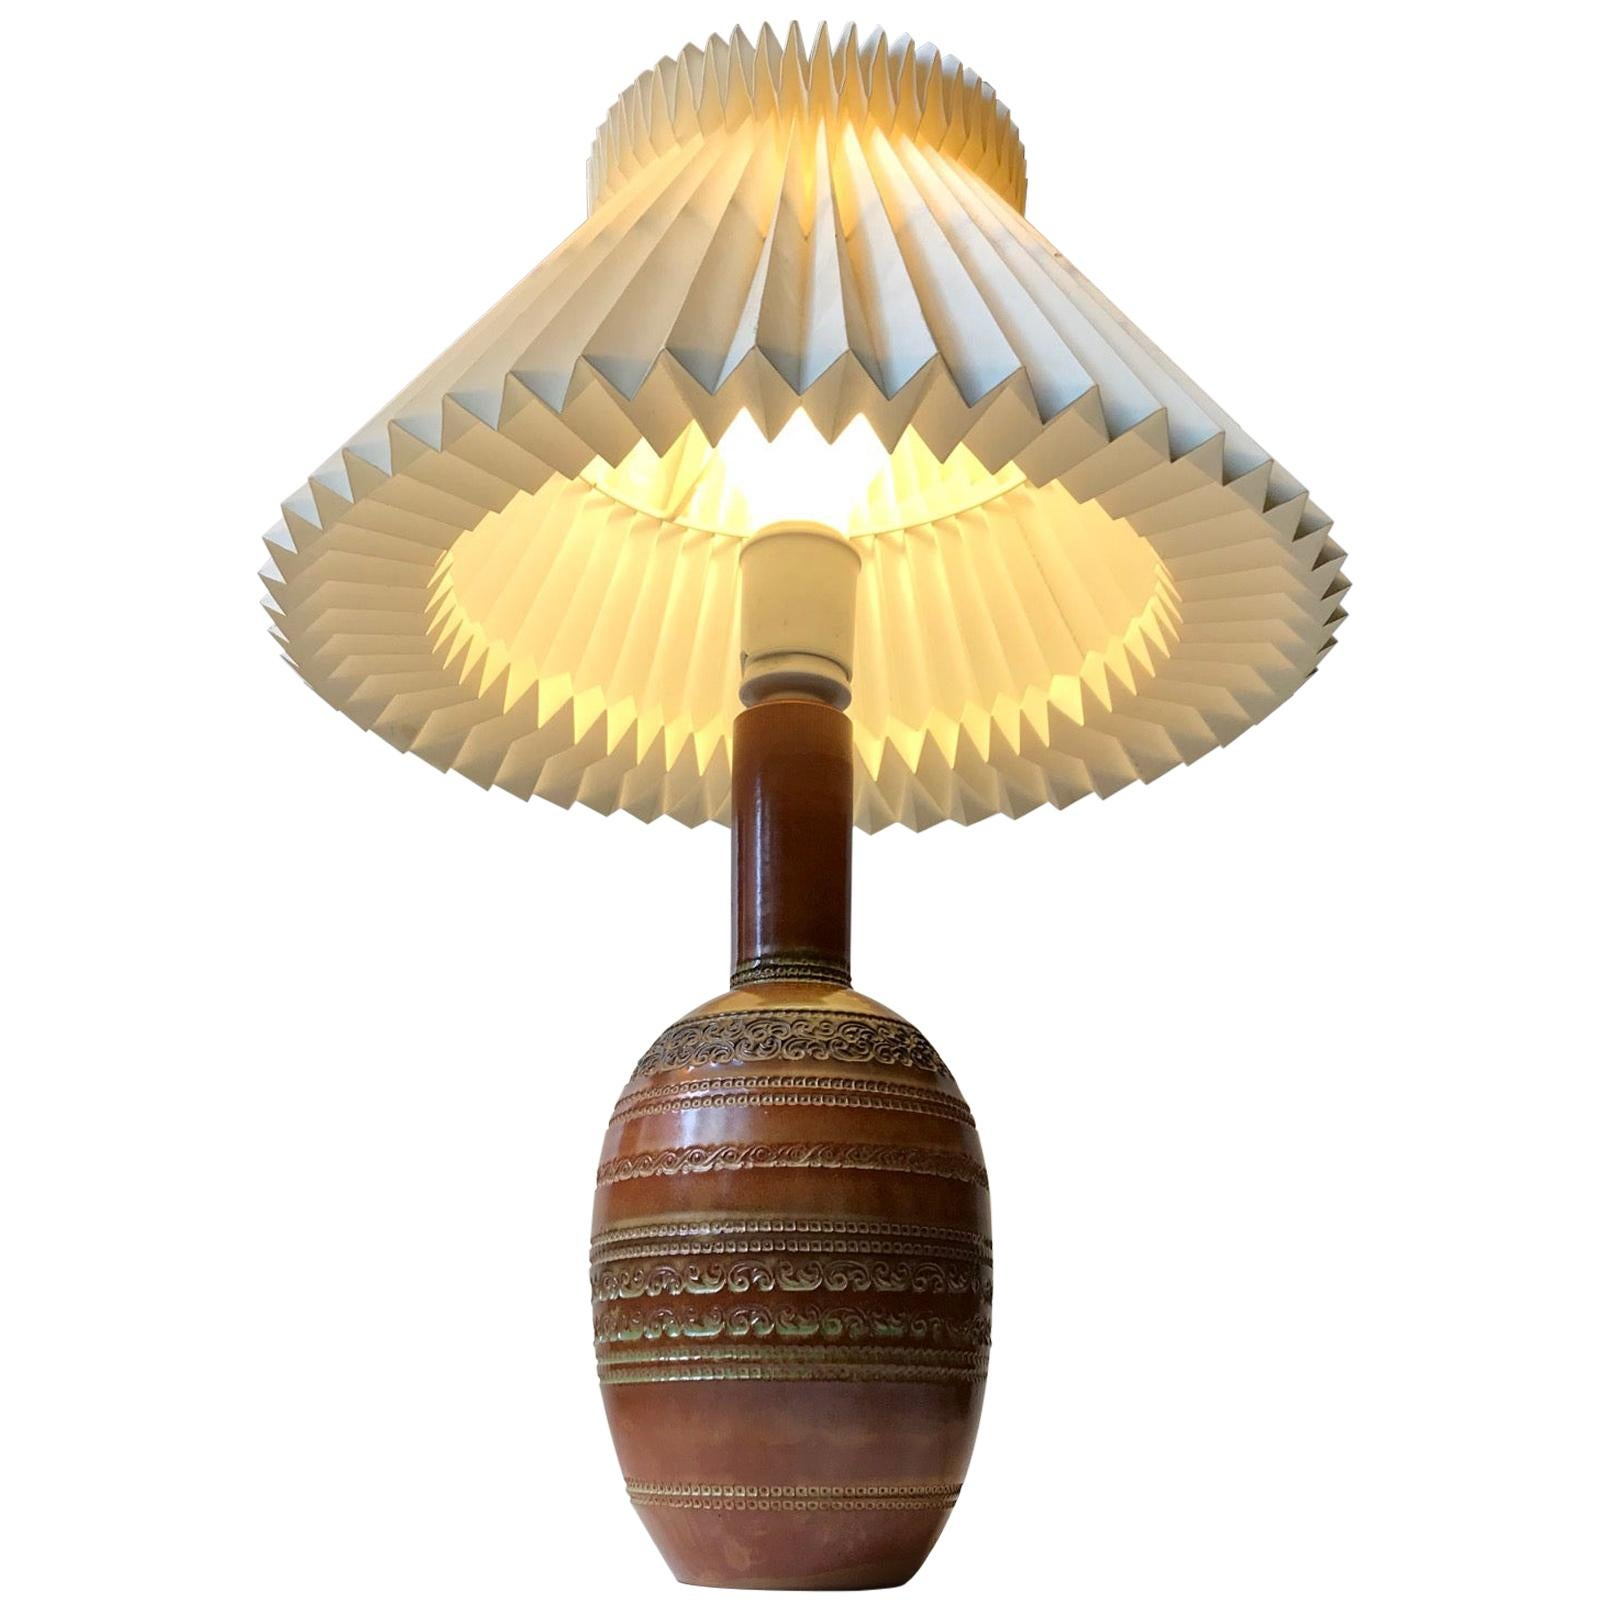 Ceramic Table Lamp by Aldo Londi for Bitossi, 1960s